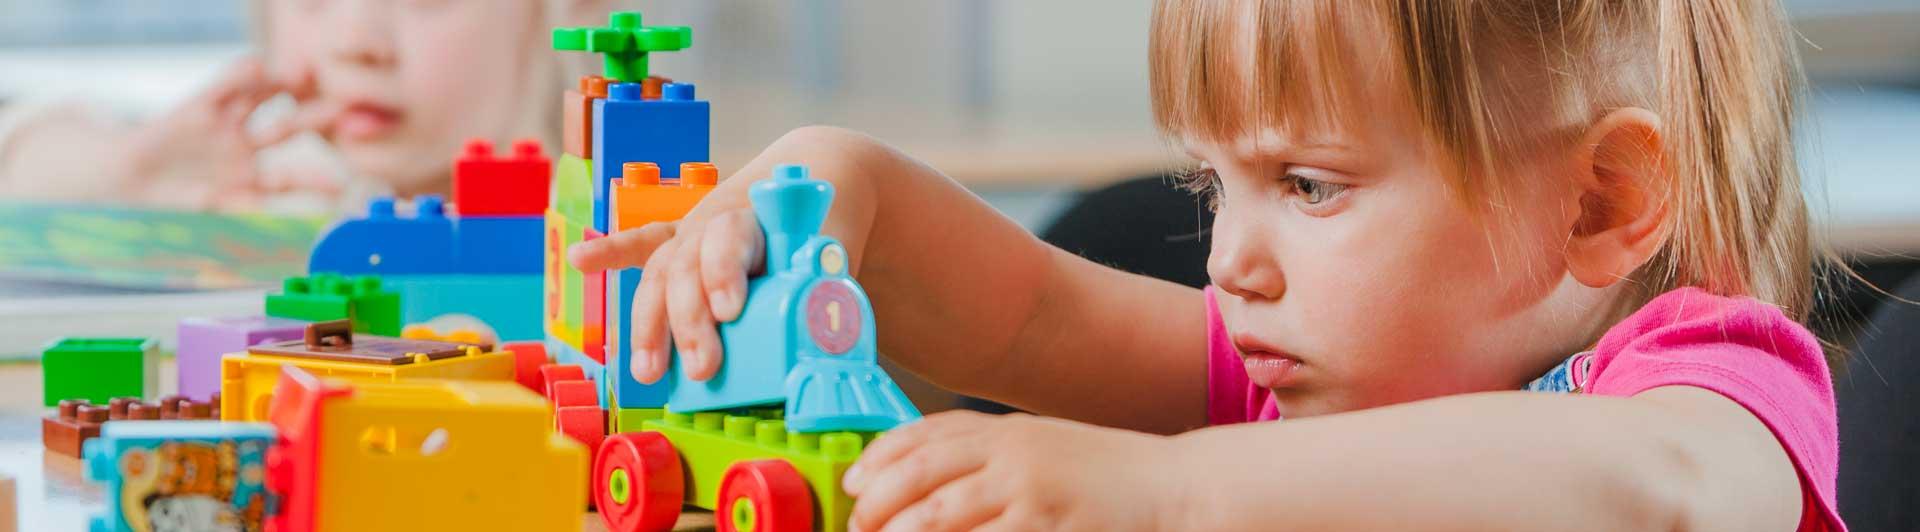 Какво представлява метода Монтесори за обучение и възпитание на децата?